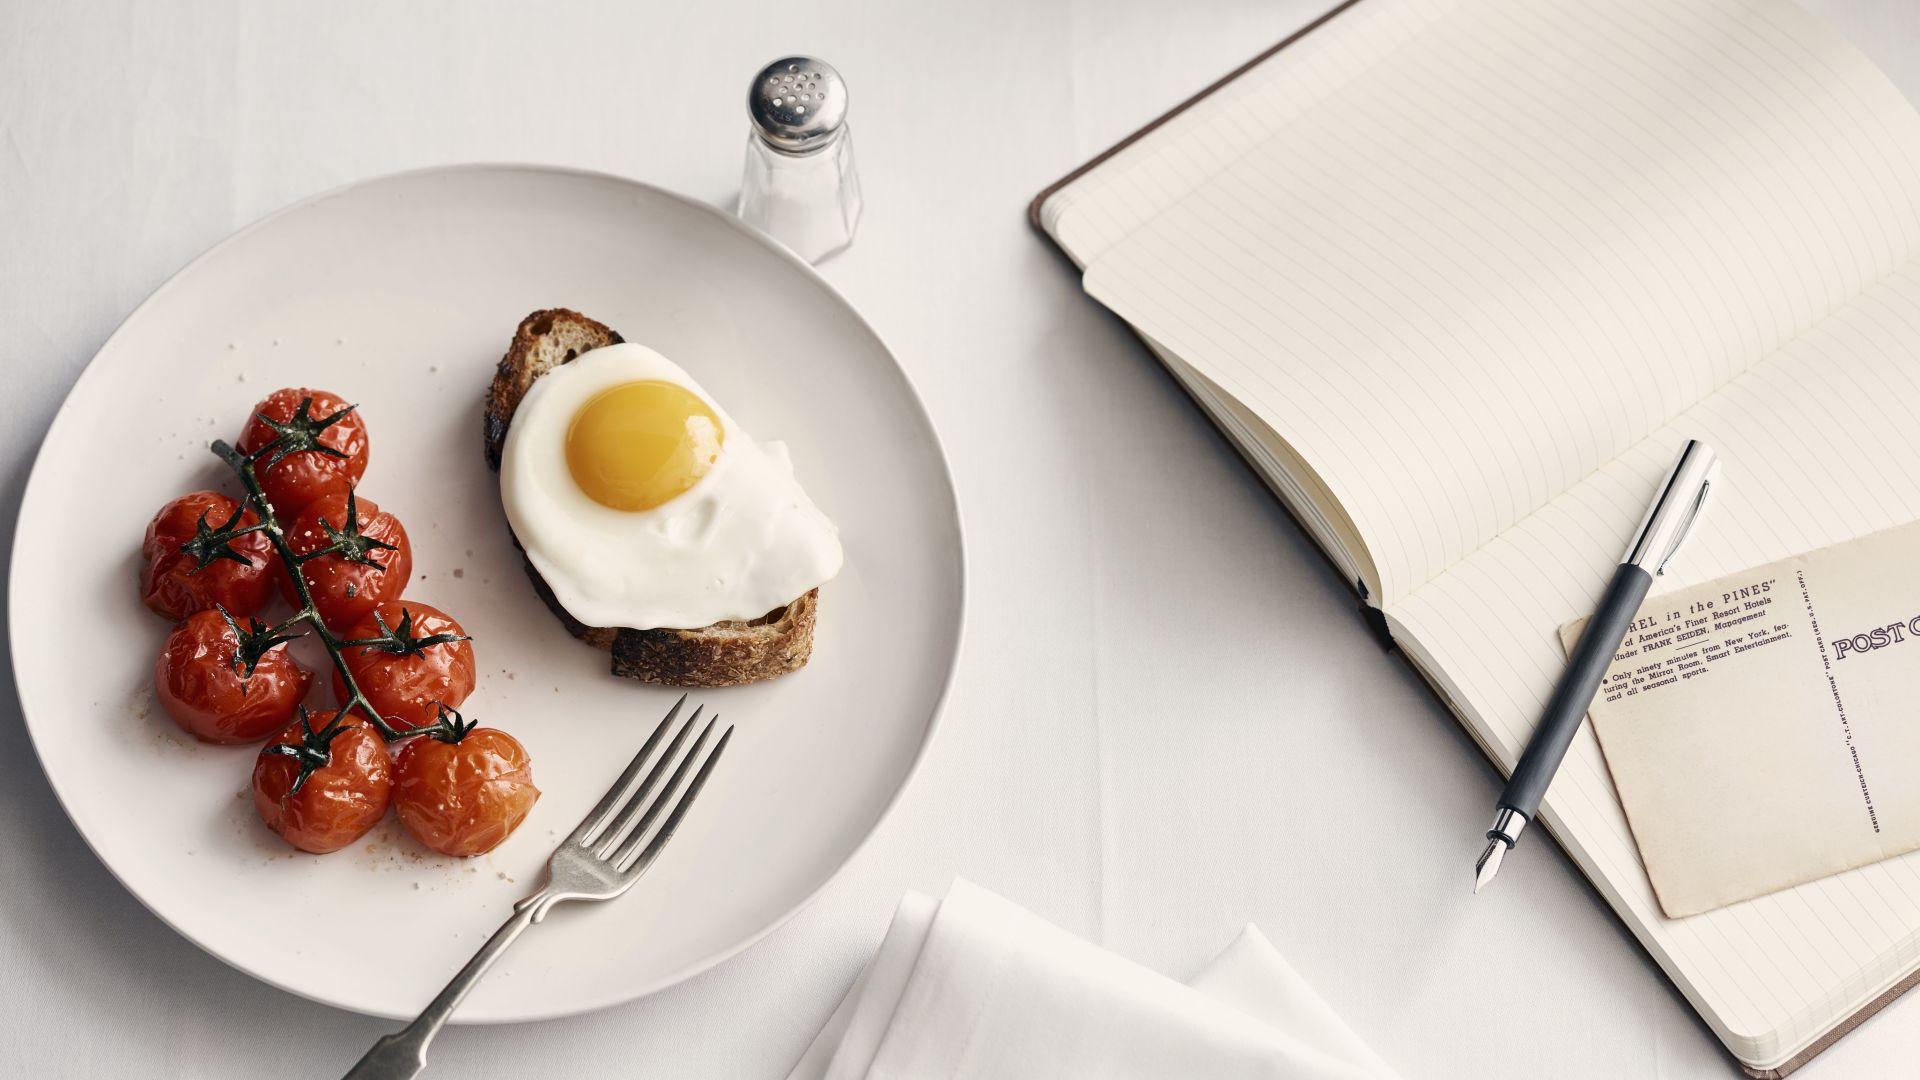 <strong>Für einen perfekten Start in den Tag | Erhalten Sie während Ihres Aufenthalts eine tägliche Gutschrift fürs Frühstück </strong> | Parkplatzsuche ganz entspannt | Jetzt buchen